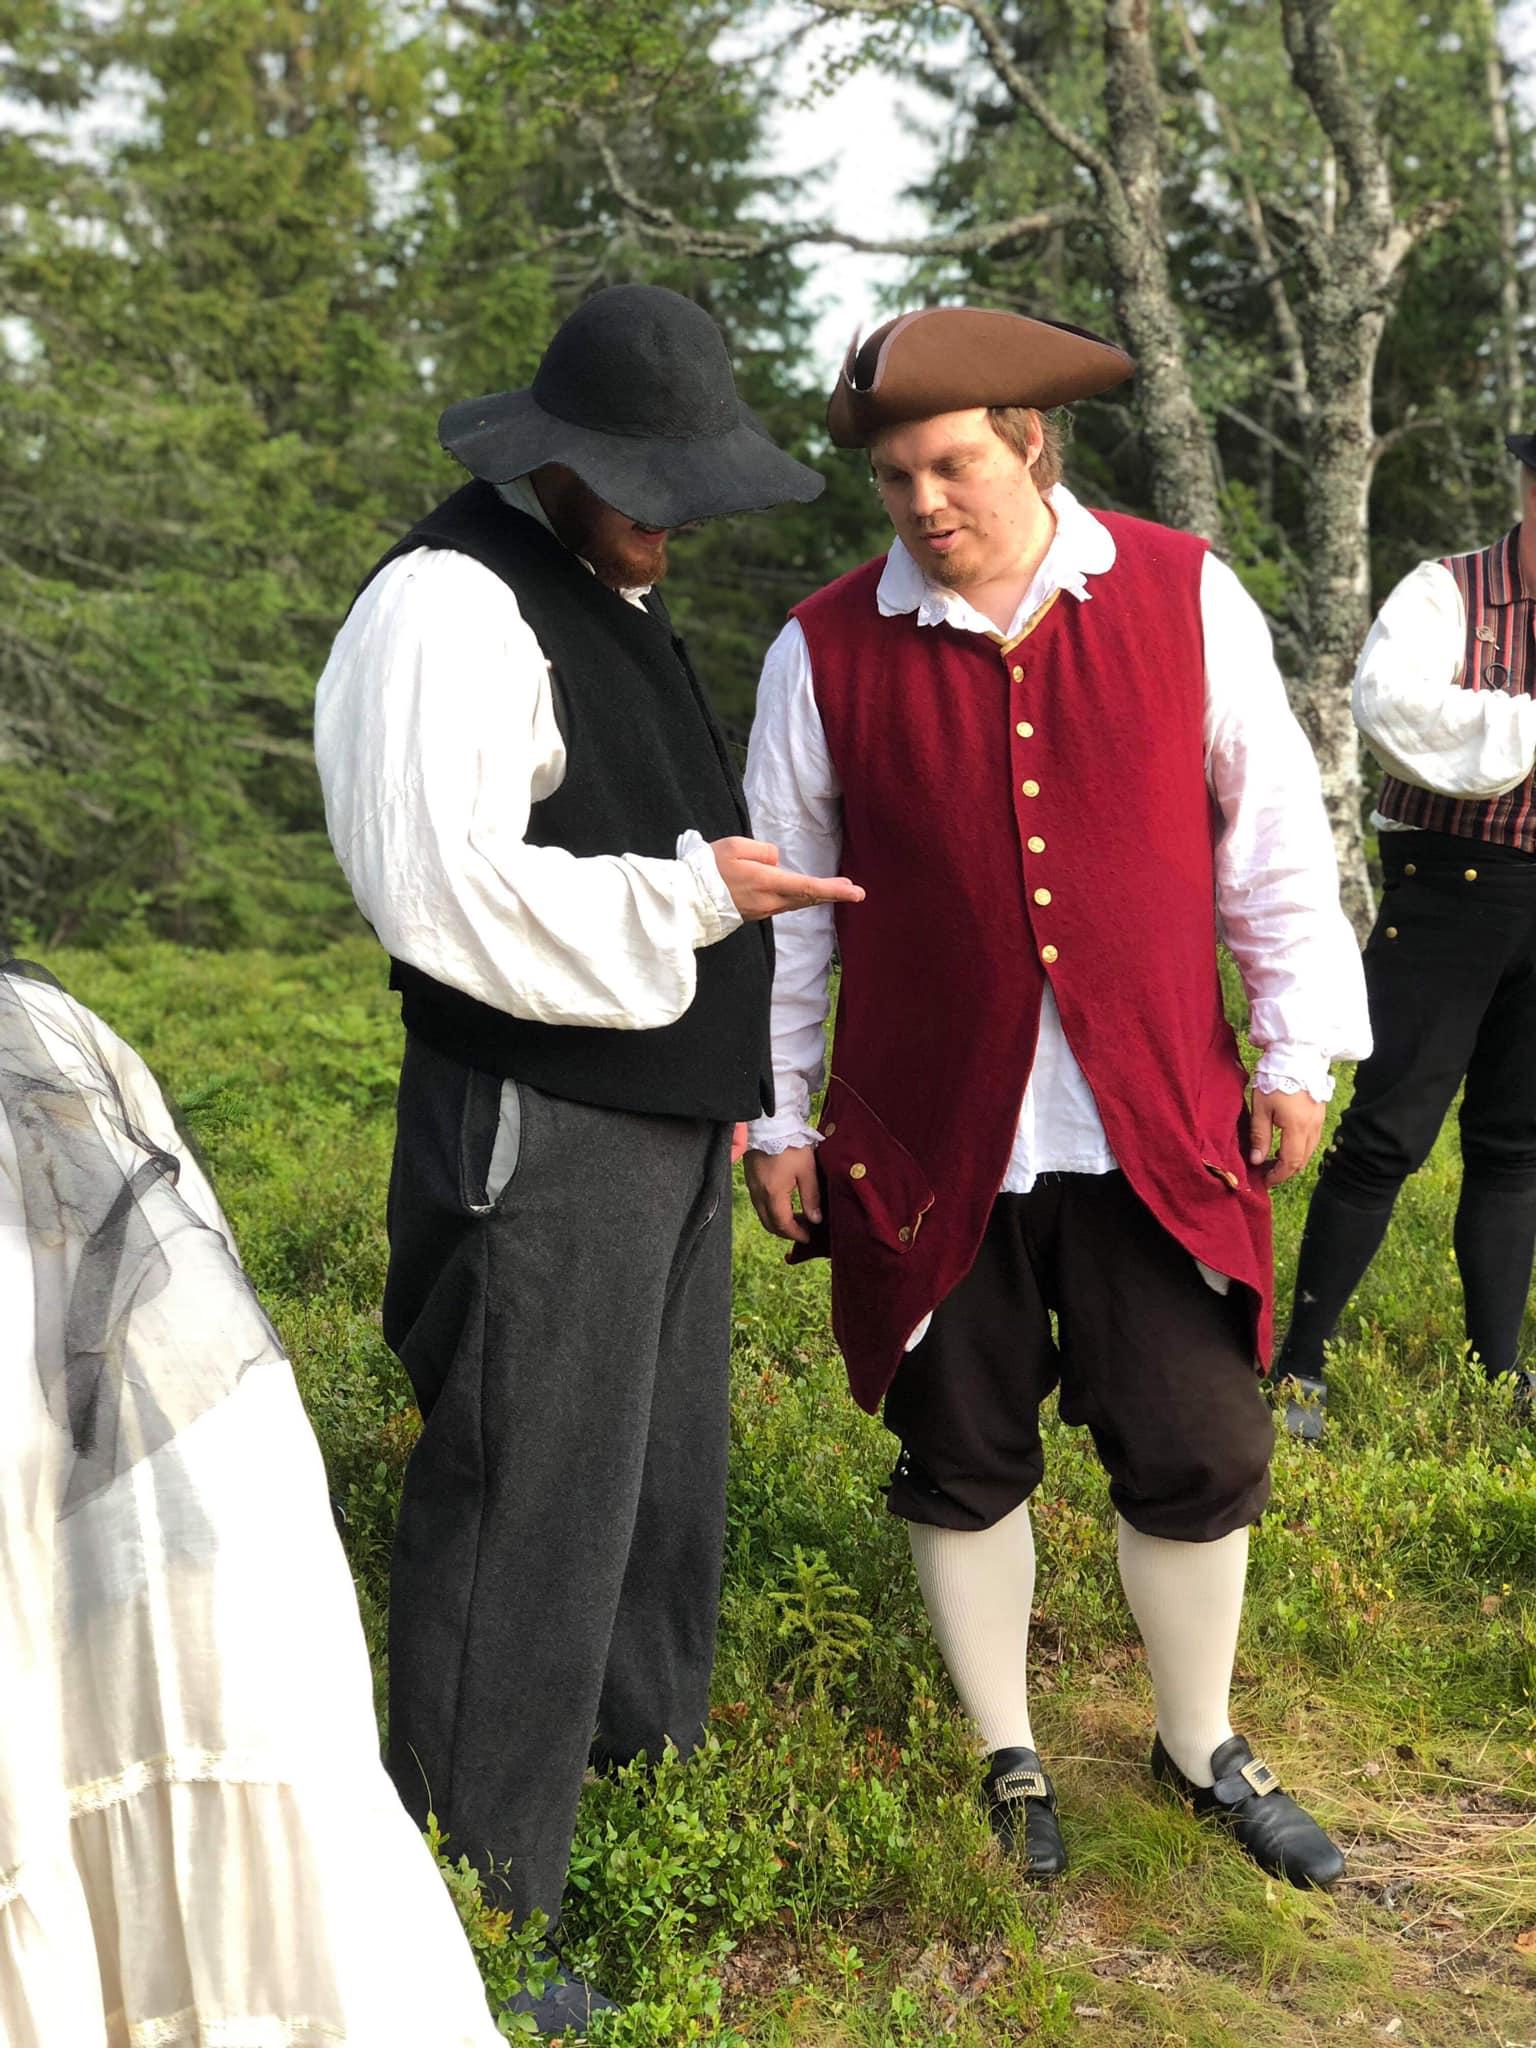 28 juni Direktsänd berättarkväll tema folktro och väsen från Sveriges alla hörn